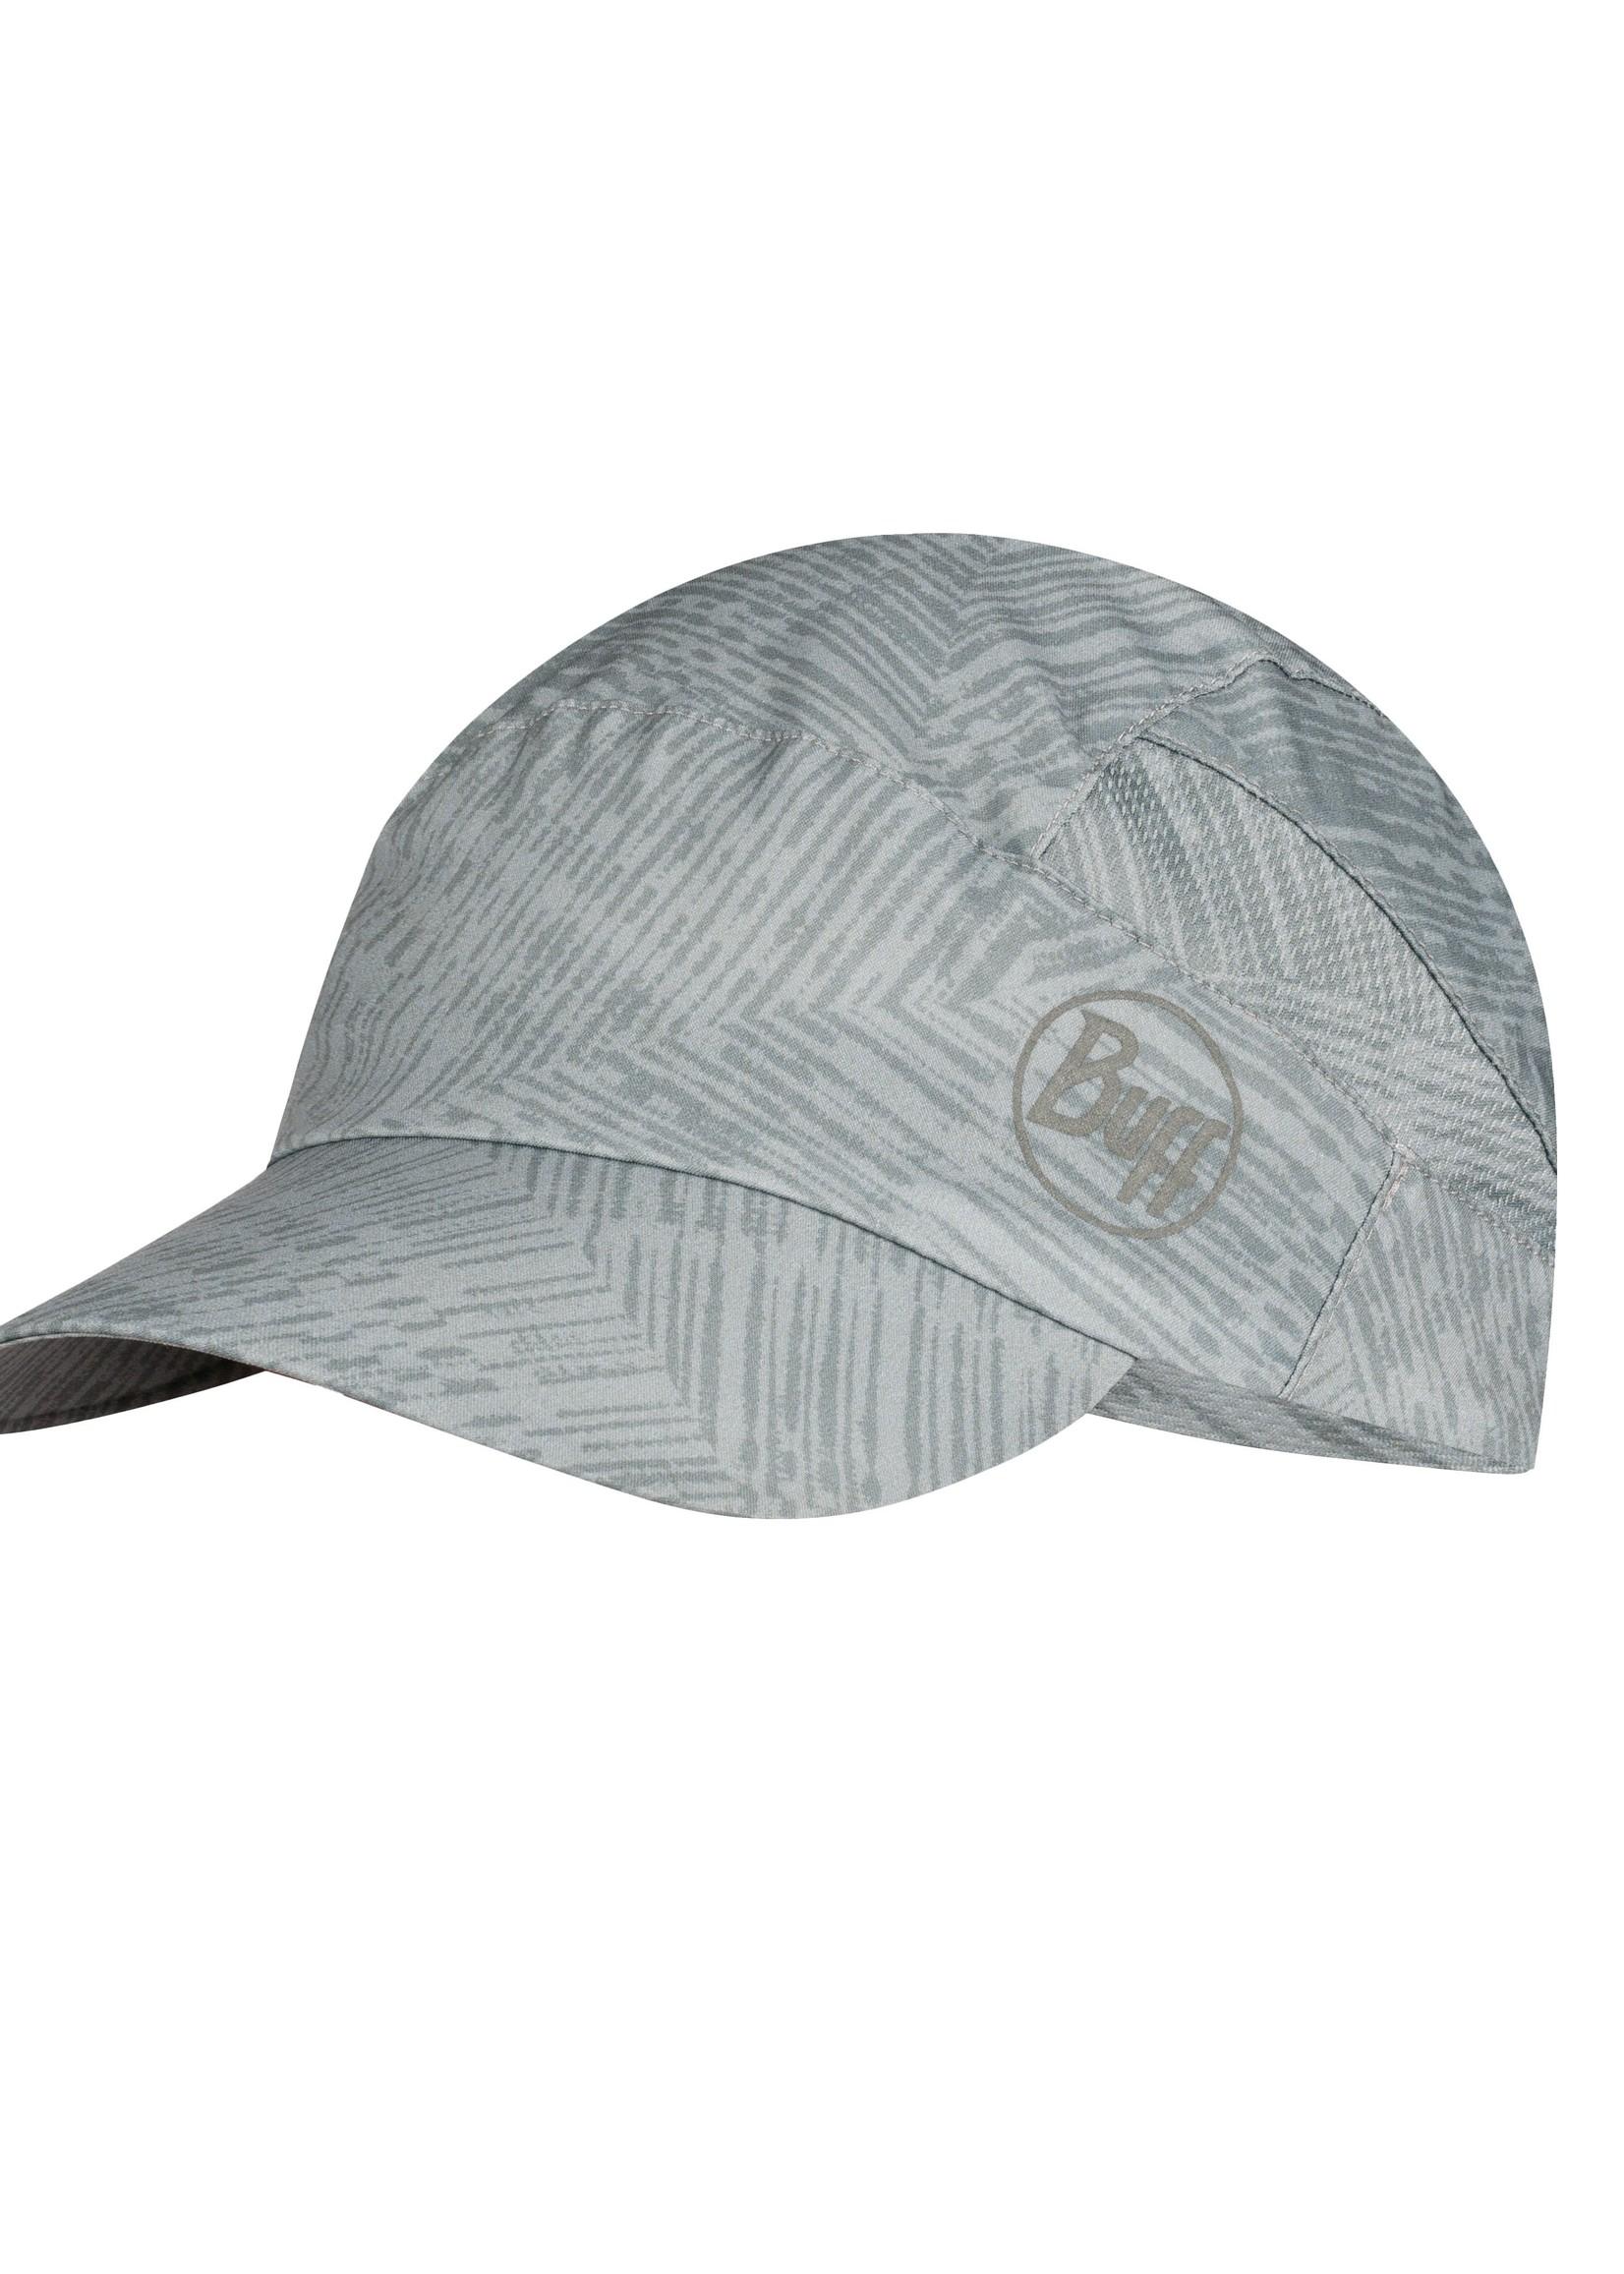 Buff TREK PACK CAP KELED GREY